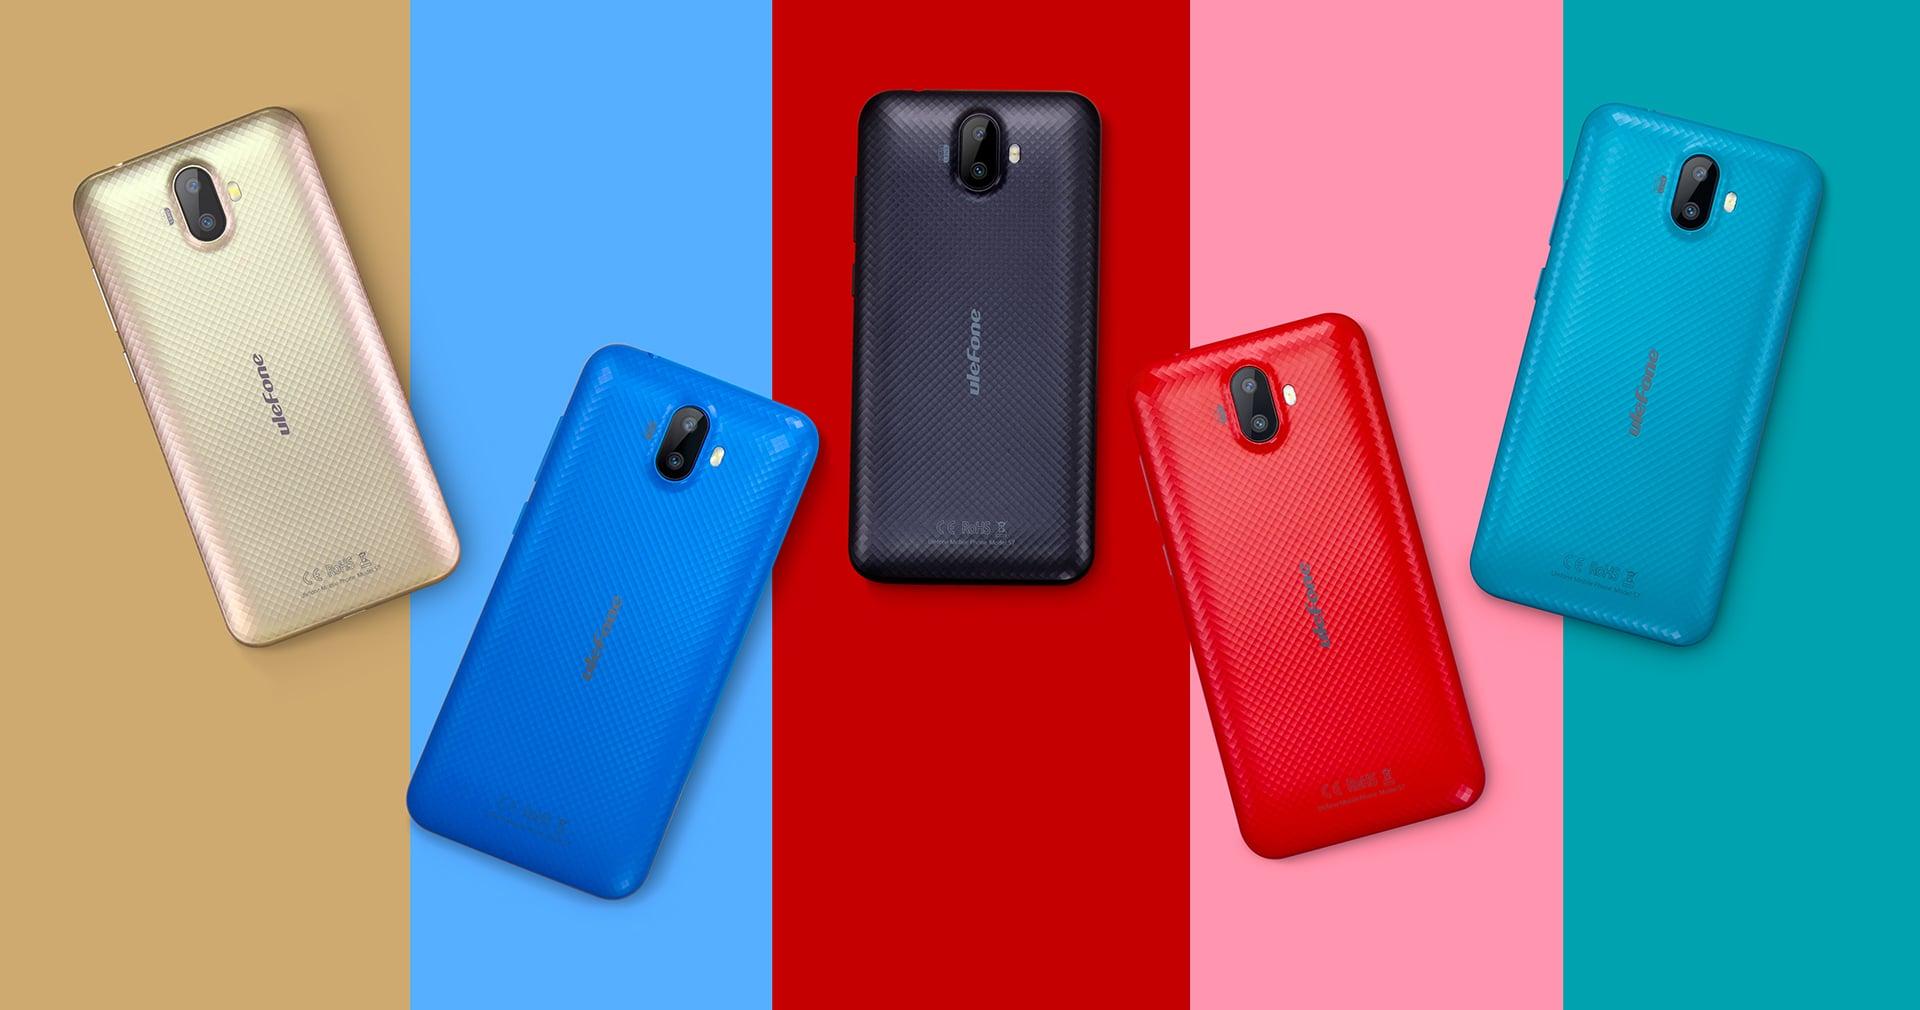 Ulefone najavio novi smartfon S7 čija će cijena biti oko 60 dolara, a dizajn ...